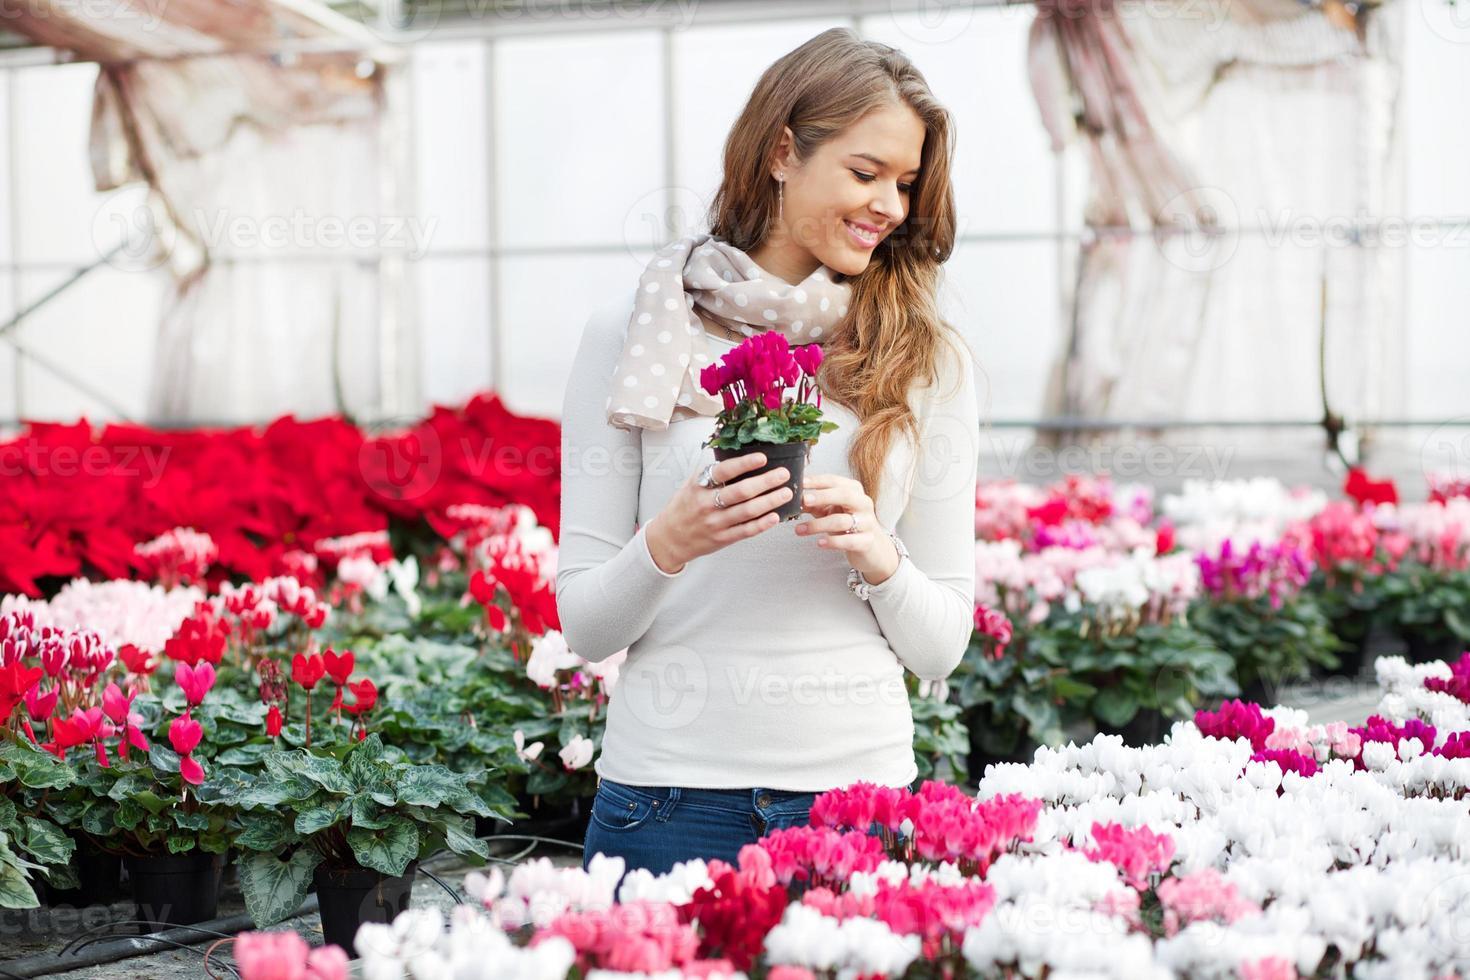 florista foto